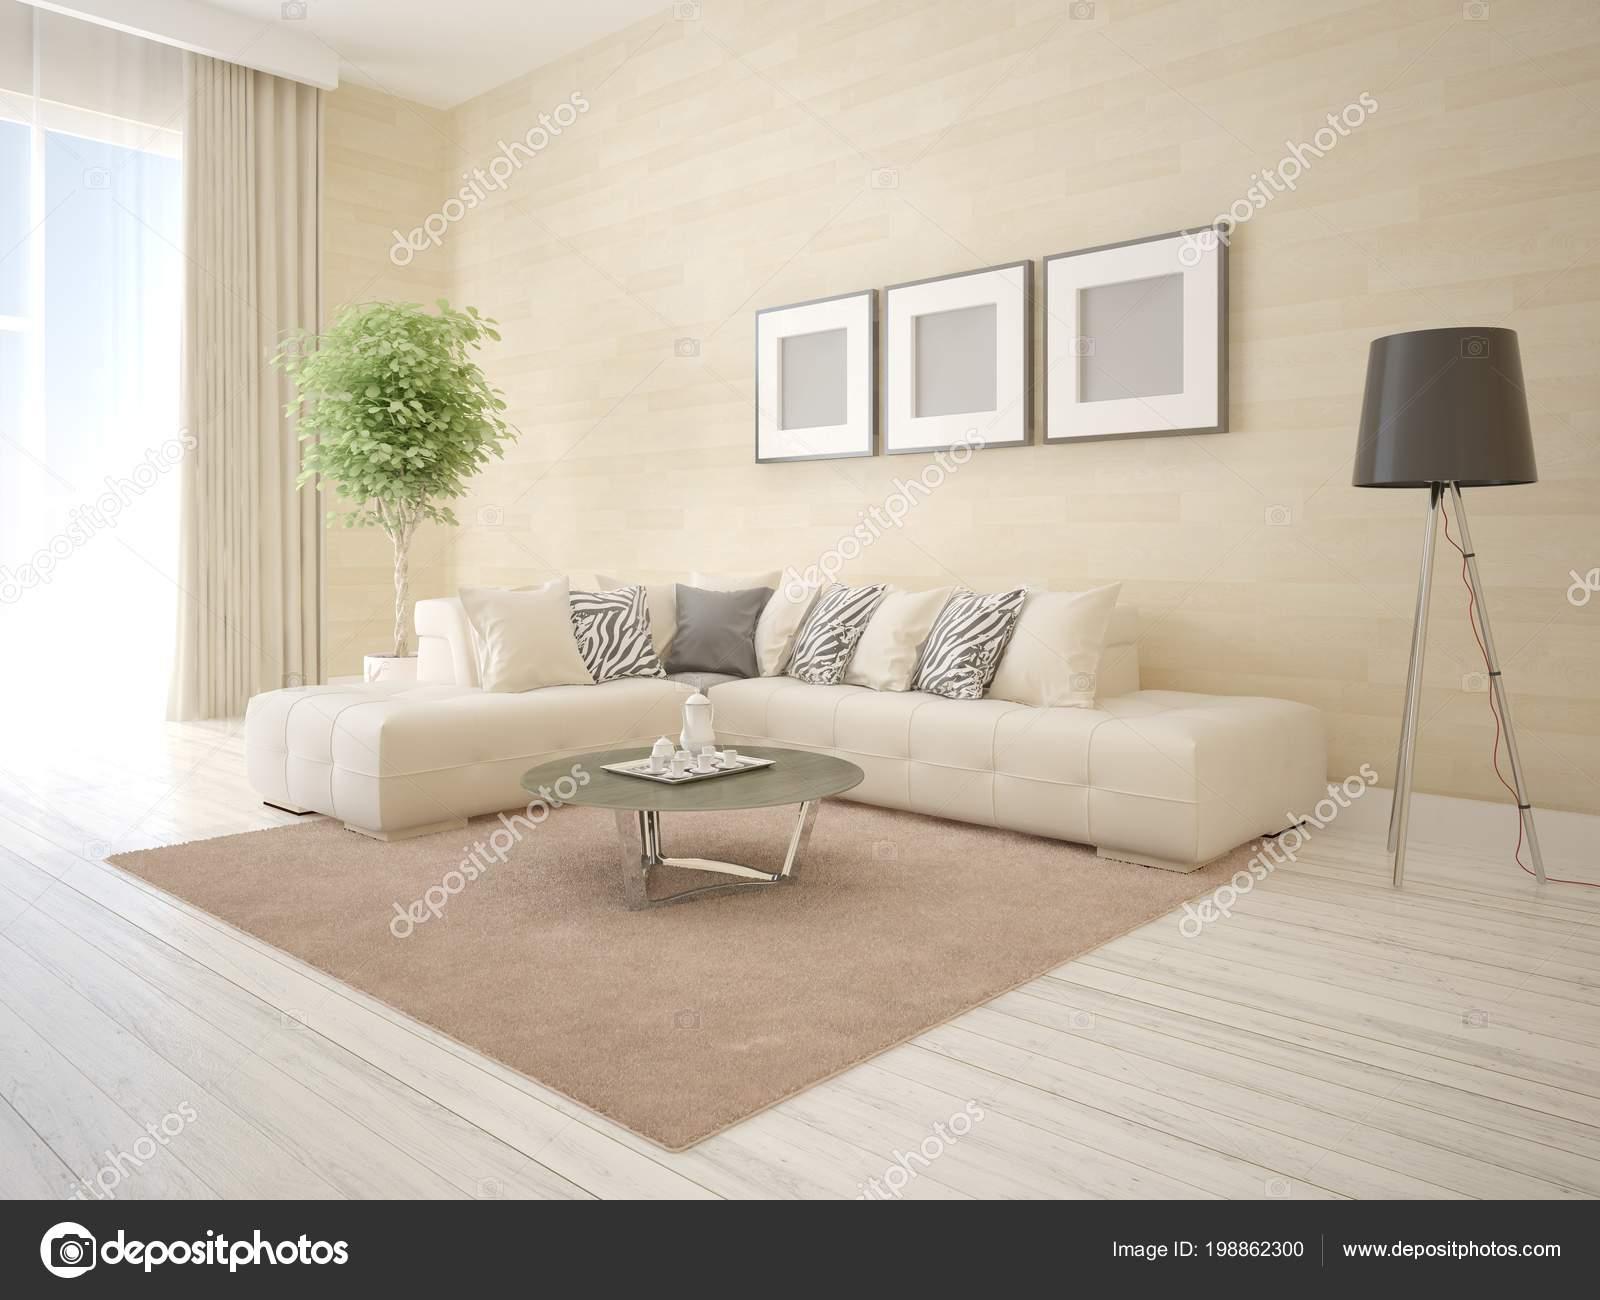 Manichino soggiorno perfetto con arredamento moderno for Foto arredamento moderno